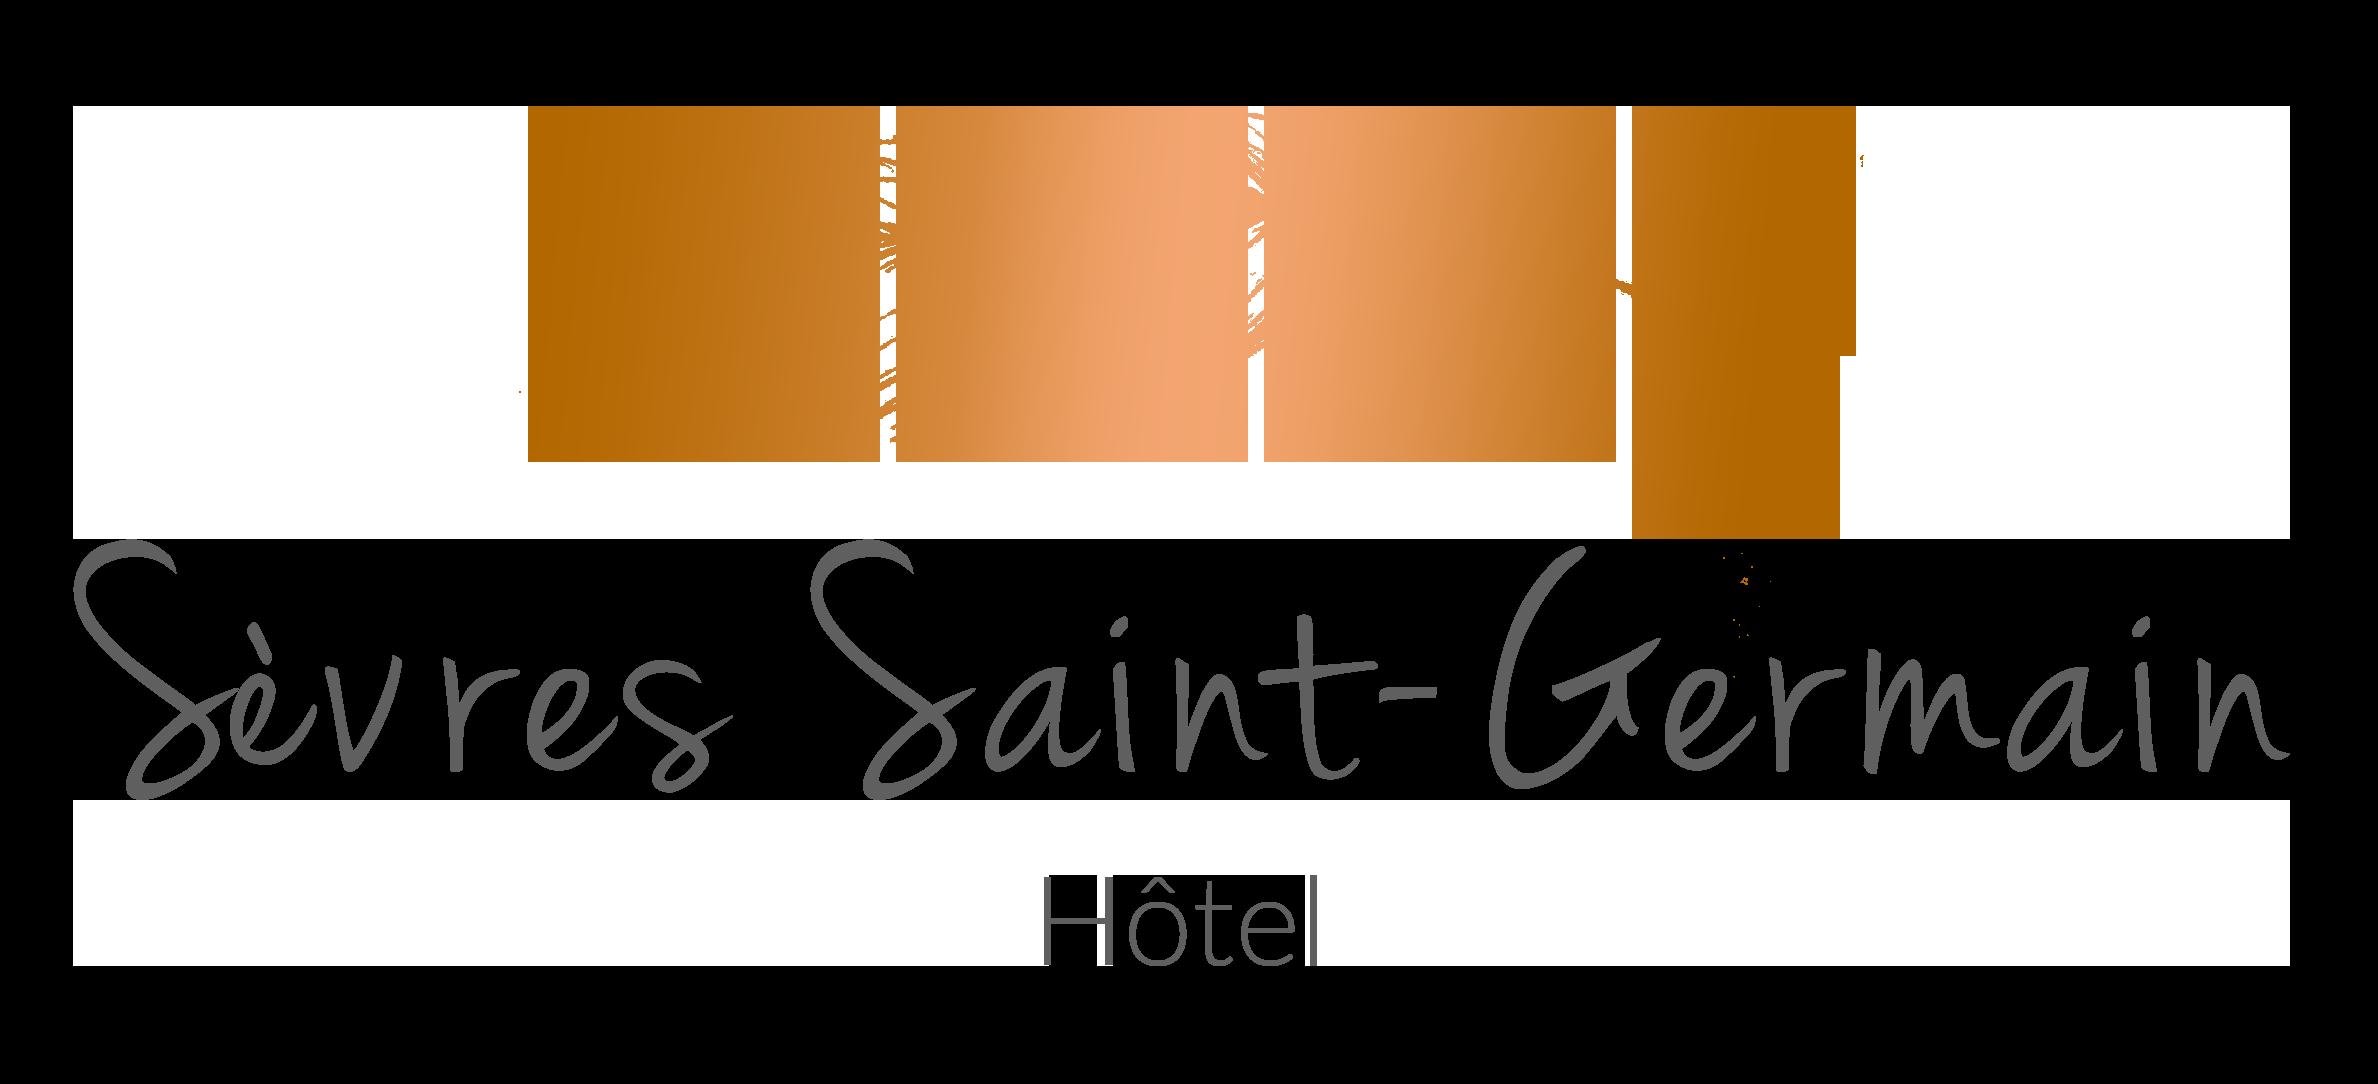 Hôtel Sèvres Saint-Germain